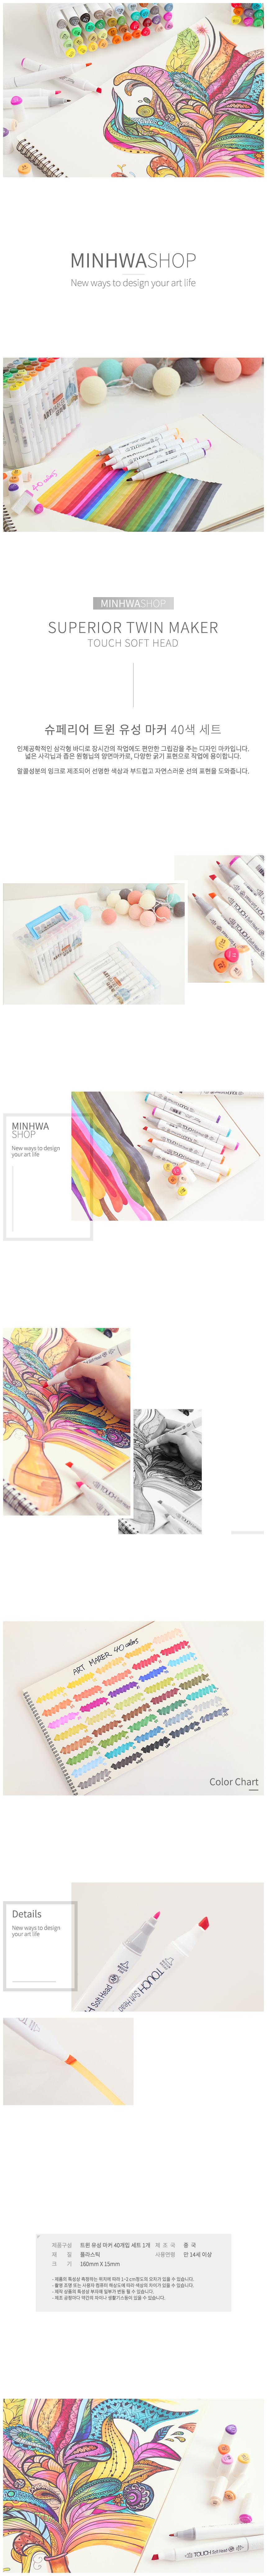 민화샵 트윈마카 40색세트 디자인마카 - 민화샵, 79,200원, 데코펜, 유성마카